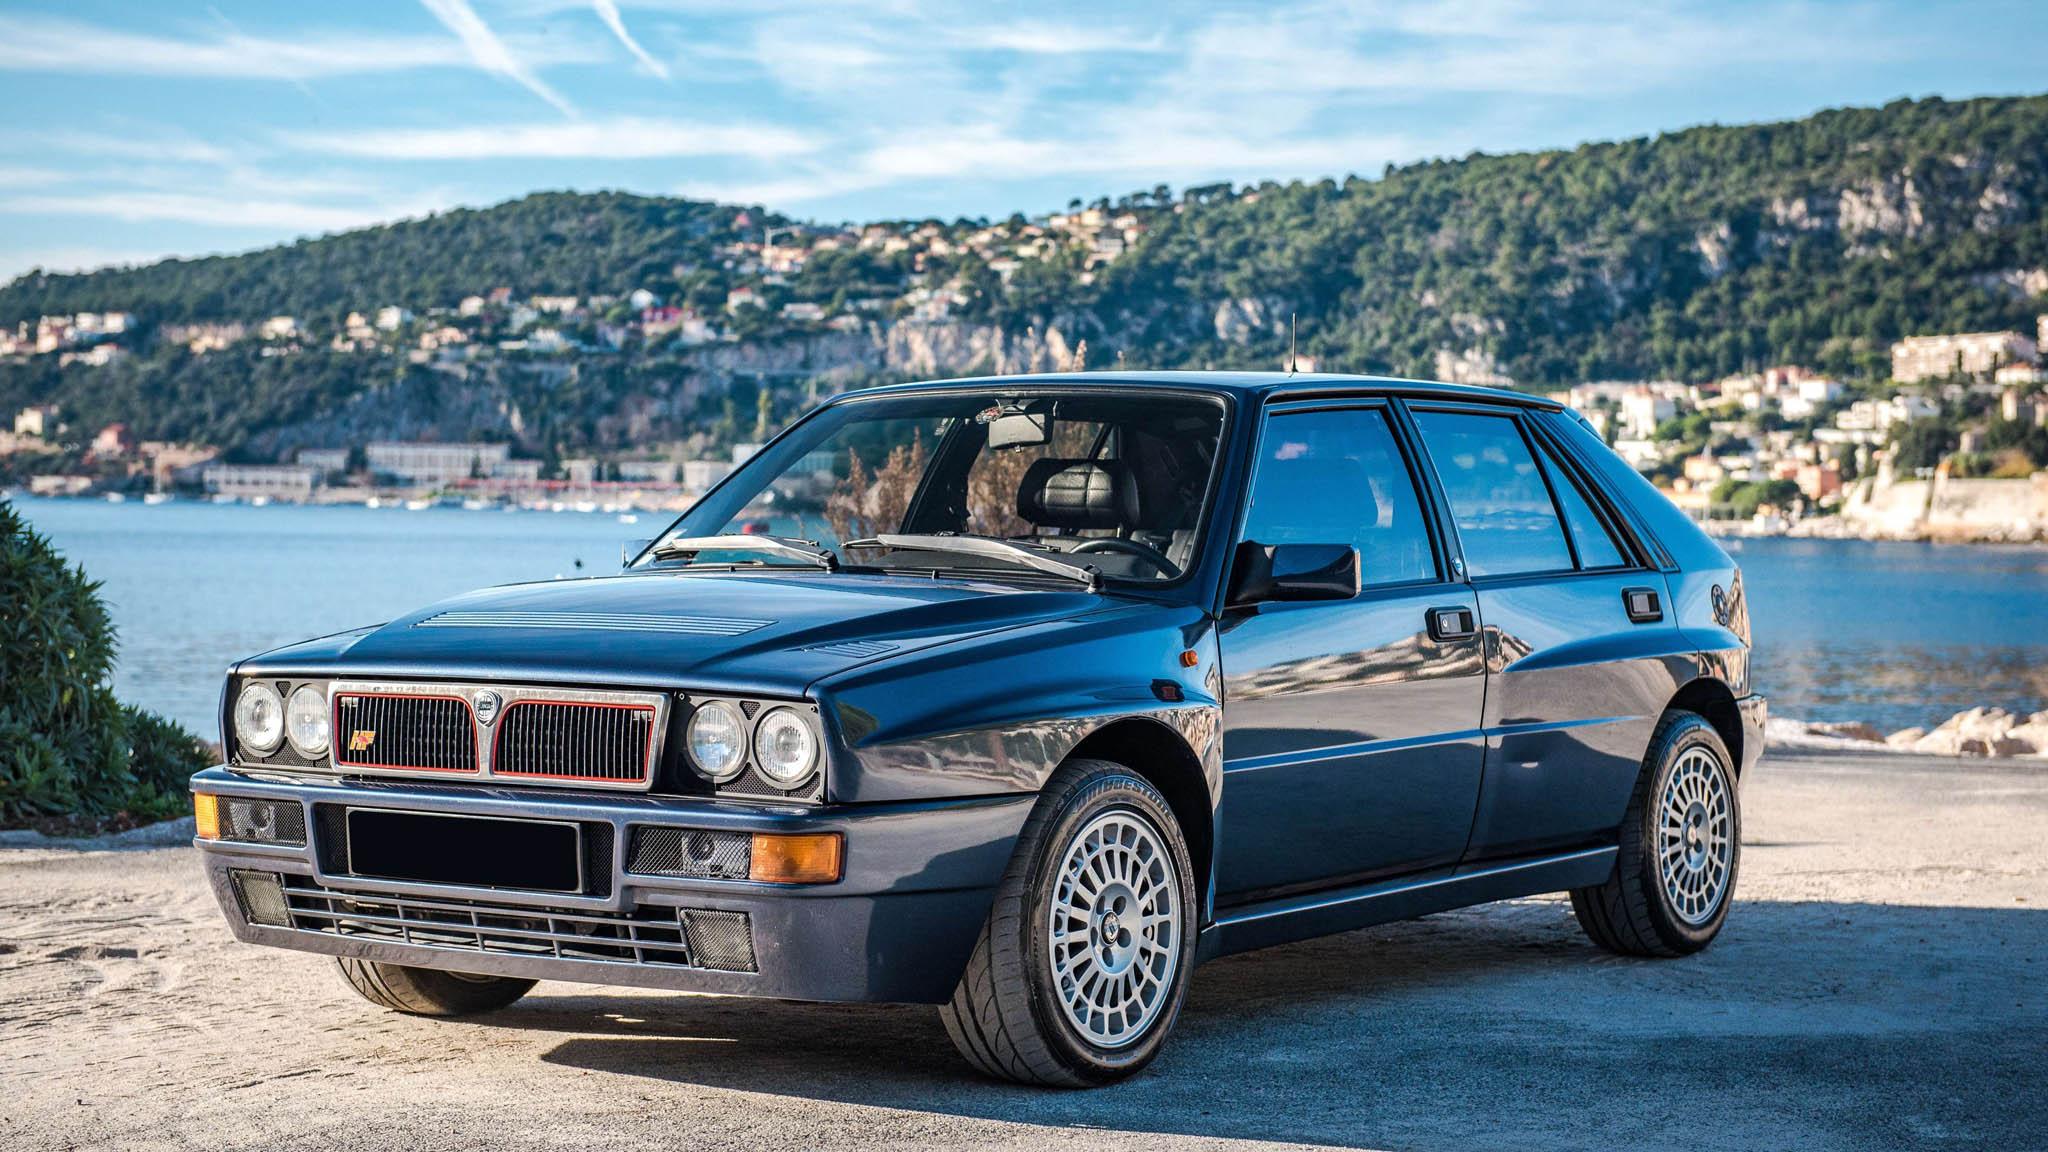 1992 Lancia Delta HF Integrale Evoluzione   Uncrate